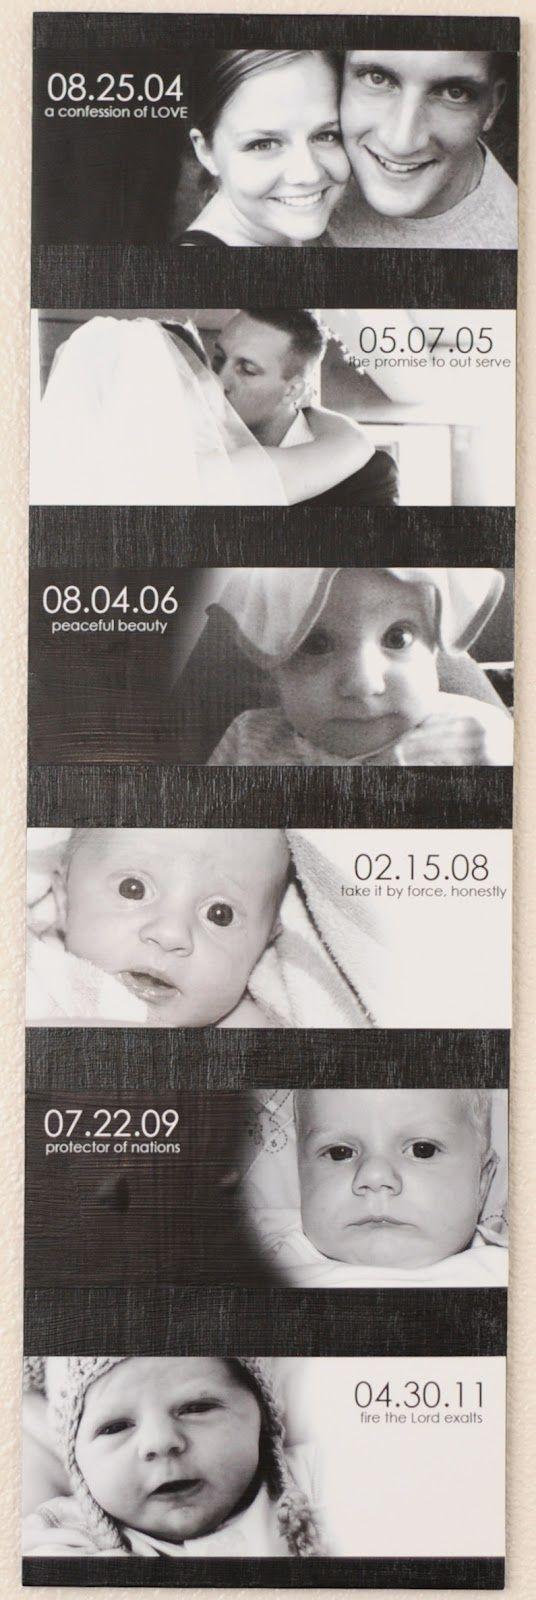 Las fechas más importantes de nuestras vidas #pareja #familia